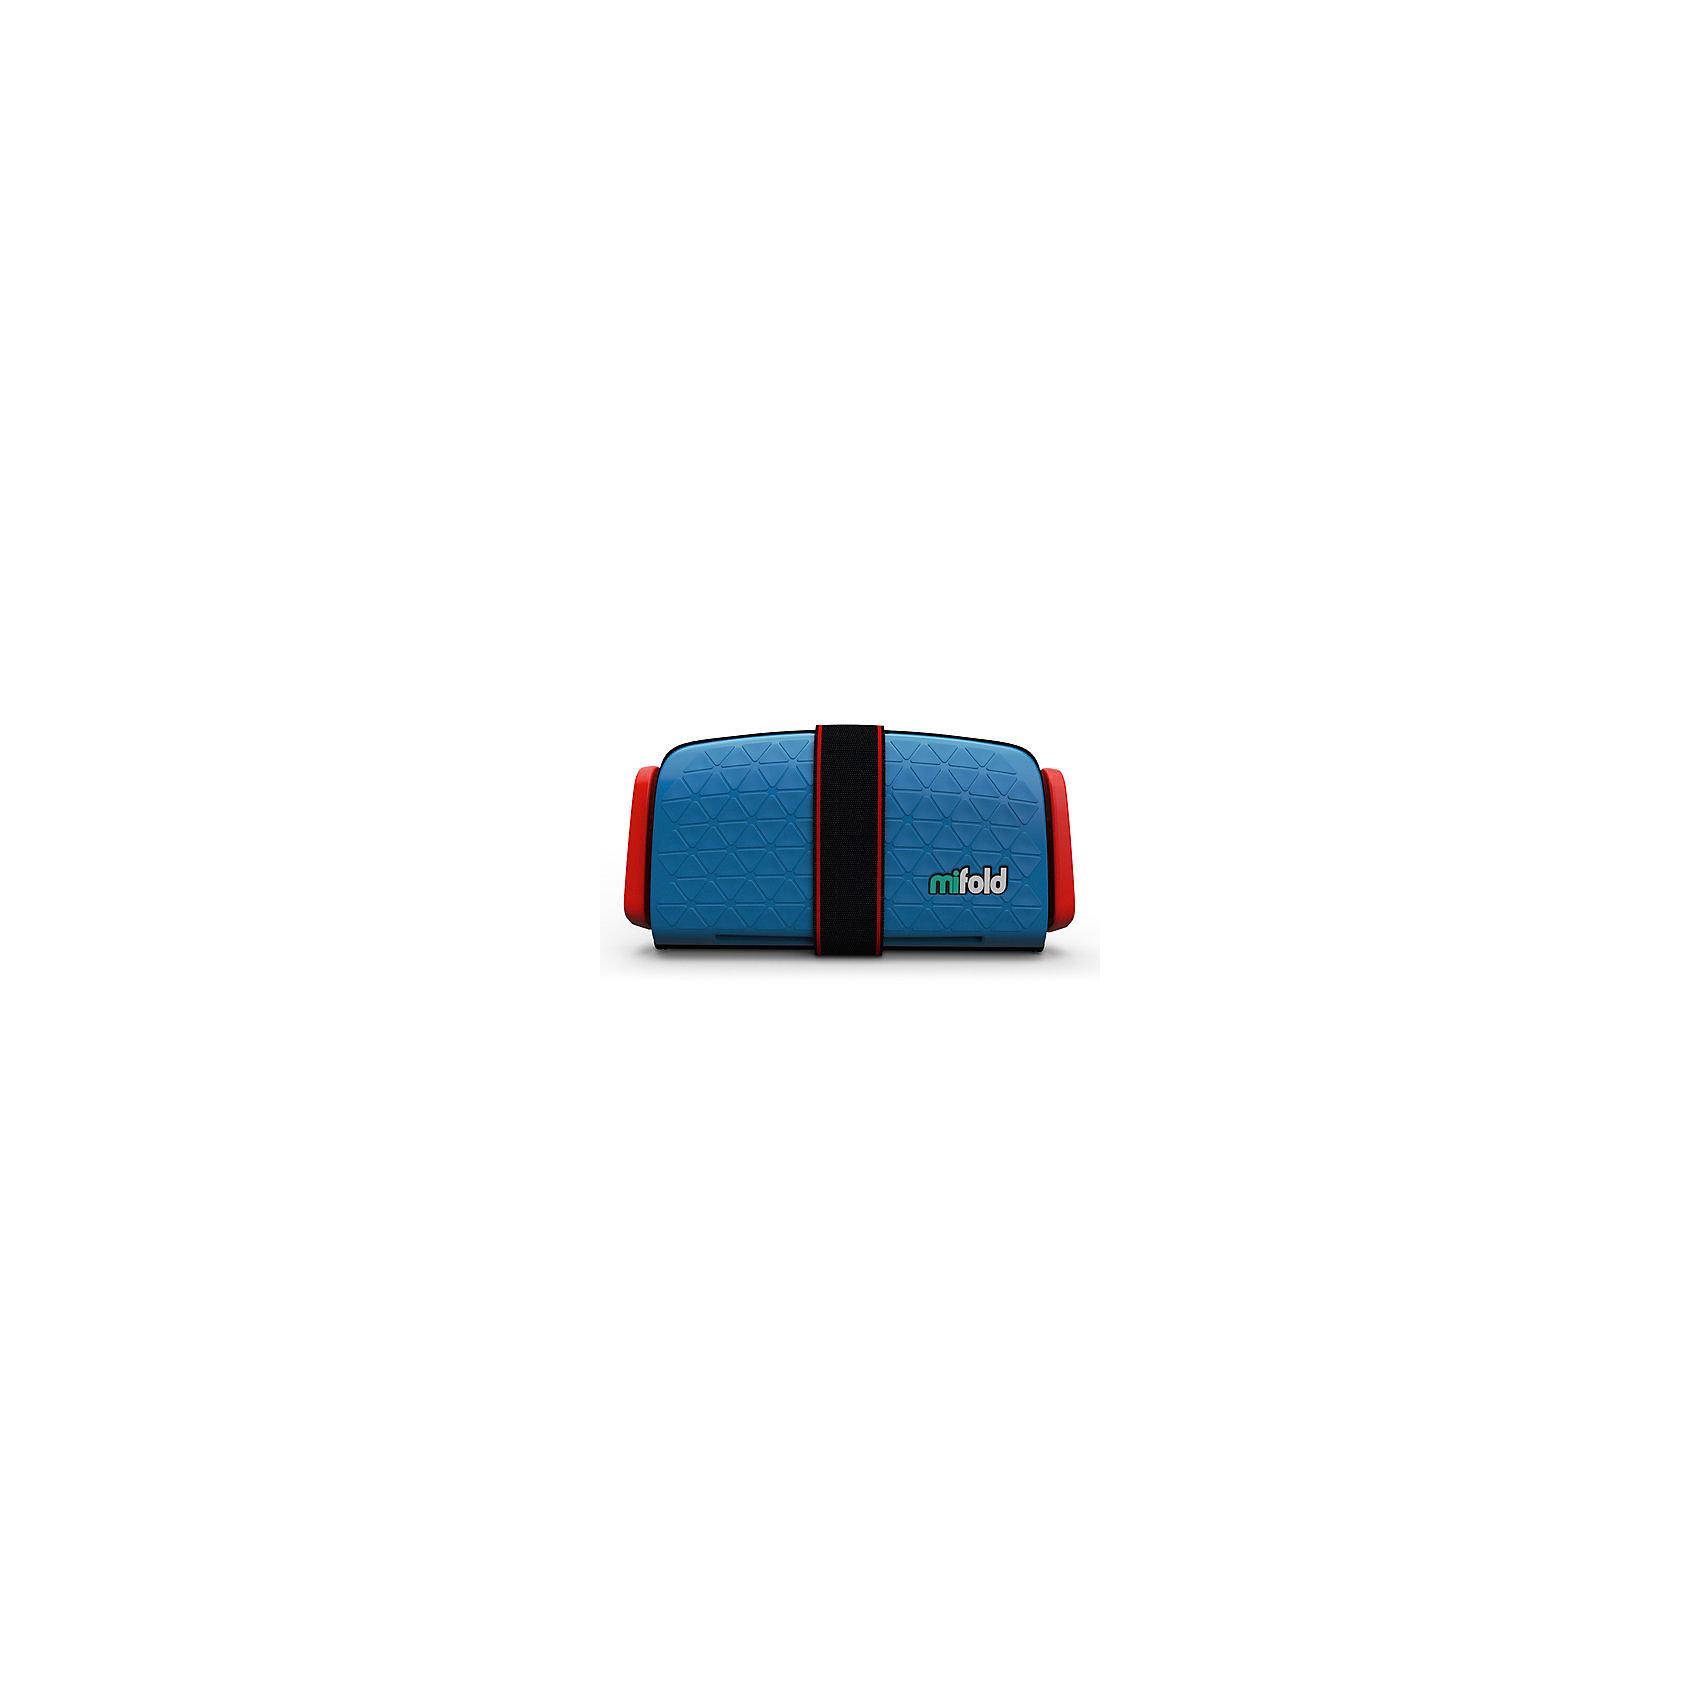 Автокресло-бустер Mifold 15-36 кг, denim blueГруппа 3 (от 22 до 36 кг) Бустеры<br>Характеристики товара:<br><br>• цвет: синий;<br>• возраст: от 4 до 12 лет;<br>• в сложенном виде легко поместится в бардачок автомобиля;<br>• в разложенном виде имеет габариты в 10 раз меньше, чем стандартные бустеры других брендов;<br>• легко и быстро складывается до размеров 25.5х12.7 см;<br>• корпус бустера Mifold выполнен из алюминия марки 6061 и выдерживает сильнейшие нагрузки во время столкновения;<br>• вес: 750гр.;<br>• три положения ширины натяжителей ремней и возможность полностью менять высоту ремня, чтобы он проходил ровно по плечу ребенка;<br>• практичный в чистке: достаточно вымыть мыльным раствором и высушить.<br>• страна производства: Израиль.<br><br>Детское портативное автокресло-бустер Mifold - поистине уникальная находка для мобильных родителей. Этот невероятно компактный бустер имеет массу преимуществ и является уникальным в данной возрастной группе (4-12 лет).<br><br>Автокресло-бустер Mifold 15-36 кг можно купить в нашем интернет-магазине.<br><br>Ширина мм: 165<br>Глубина мм: 250<br>Высота мм: 70<br>Вес г: 950<br>Цвет: голубой<br>Возраст от месяцев: 48<br>Возраст до месяцев: 144<br>Пол: Унисекс<br>Возраст: Детский<br>SKU: 6878752